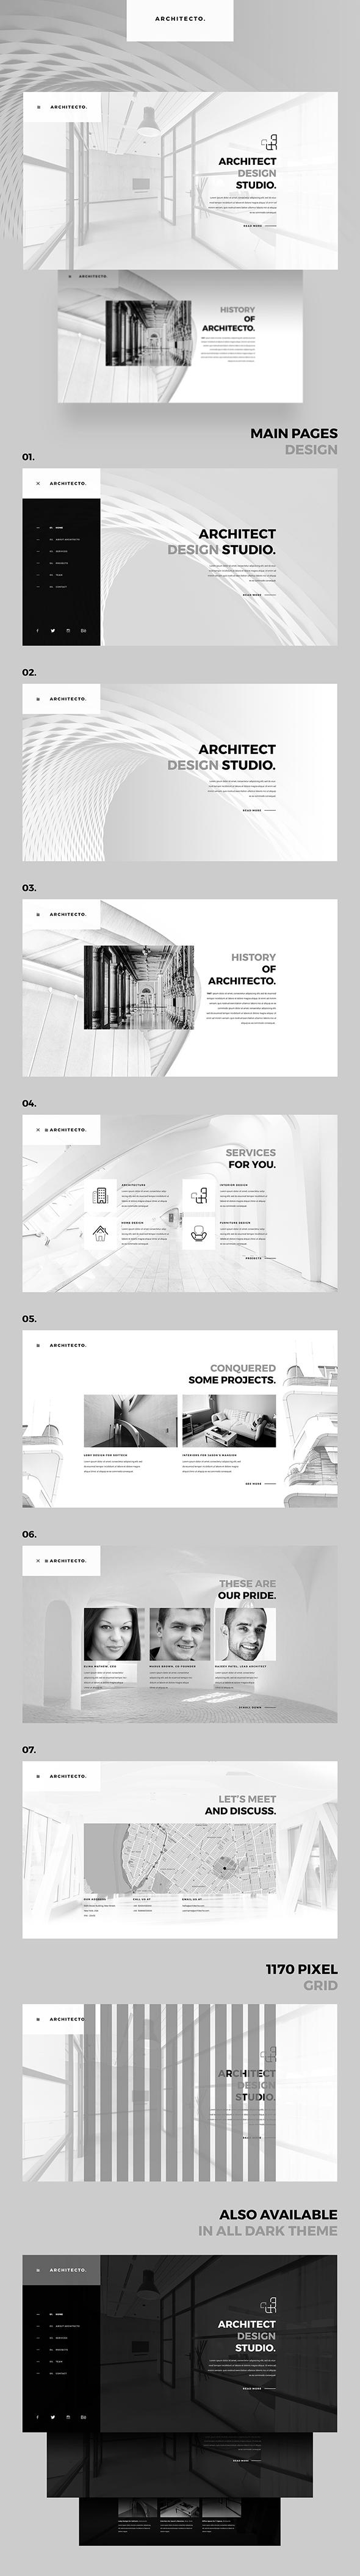 Architecto Architecture Studio PSD Template